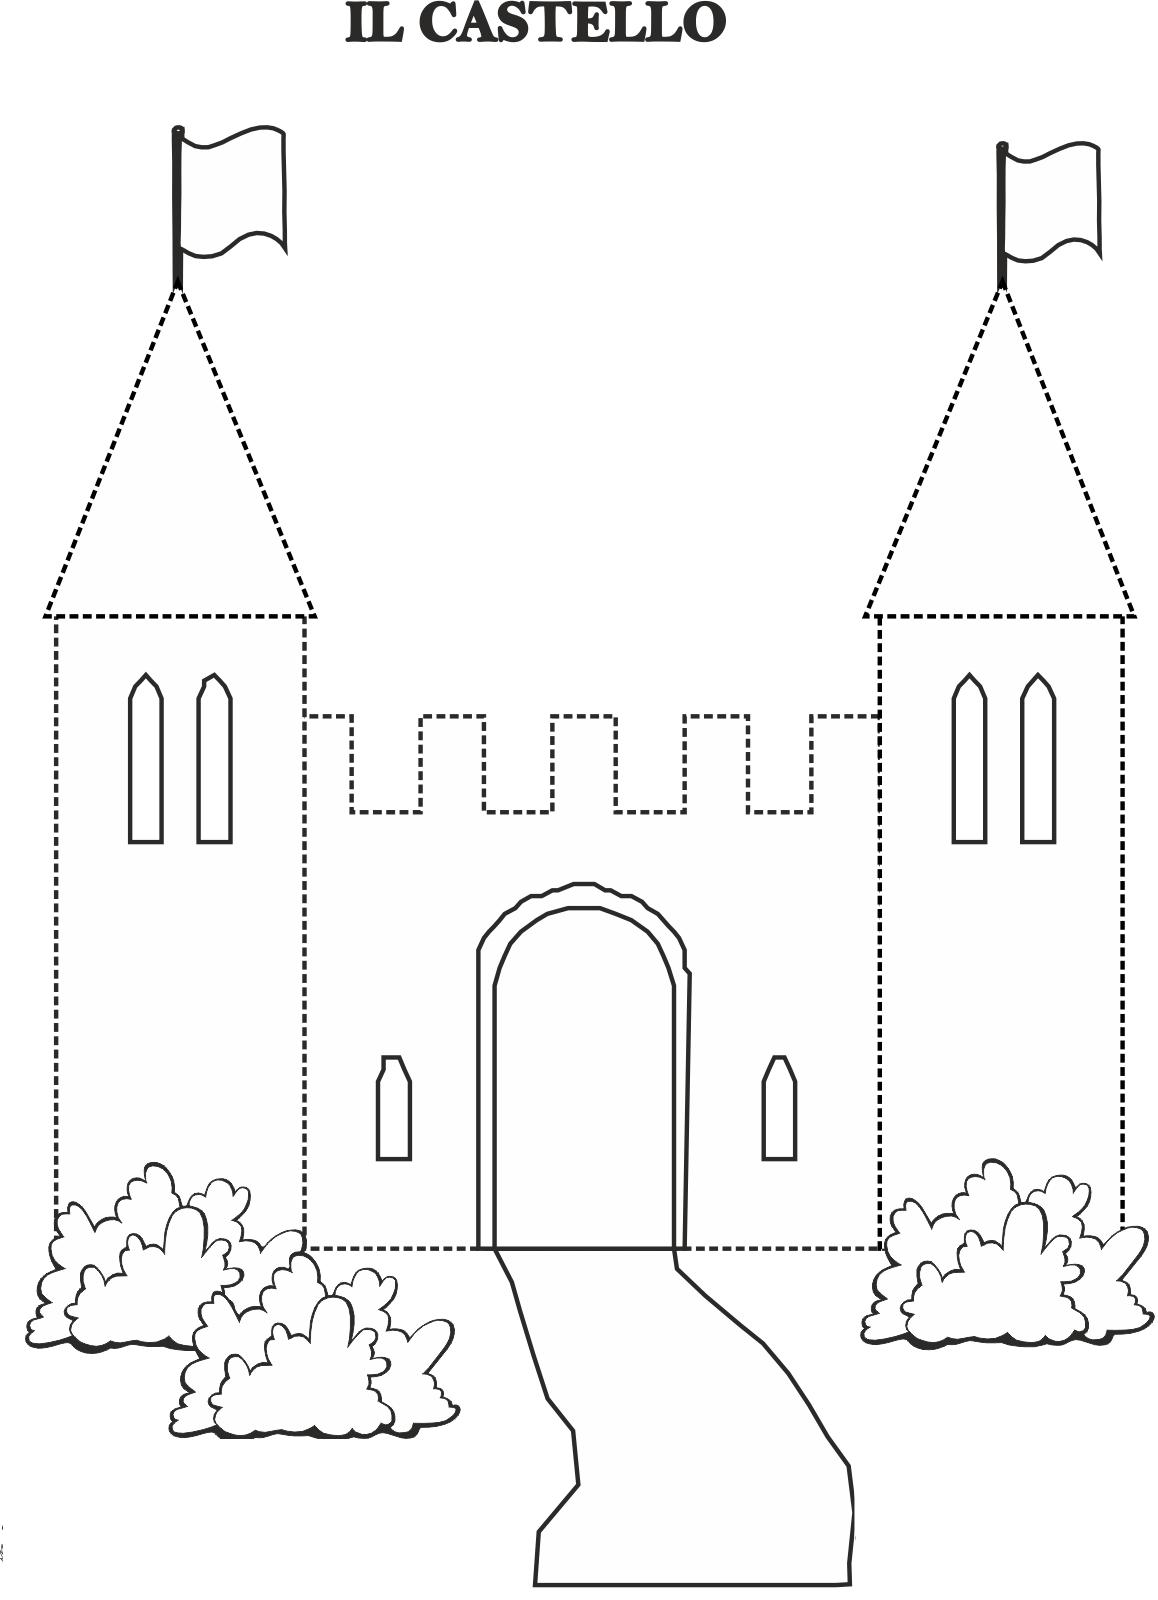 Crafts Actvities And Worksheets For Preschool Toddler And Kindergarten Worksheets For Kids Preschool Kids Castle [ 1600 x 1158 Pixel ]